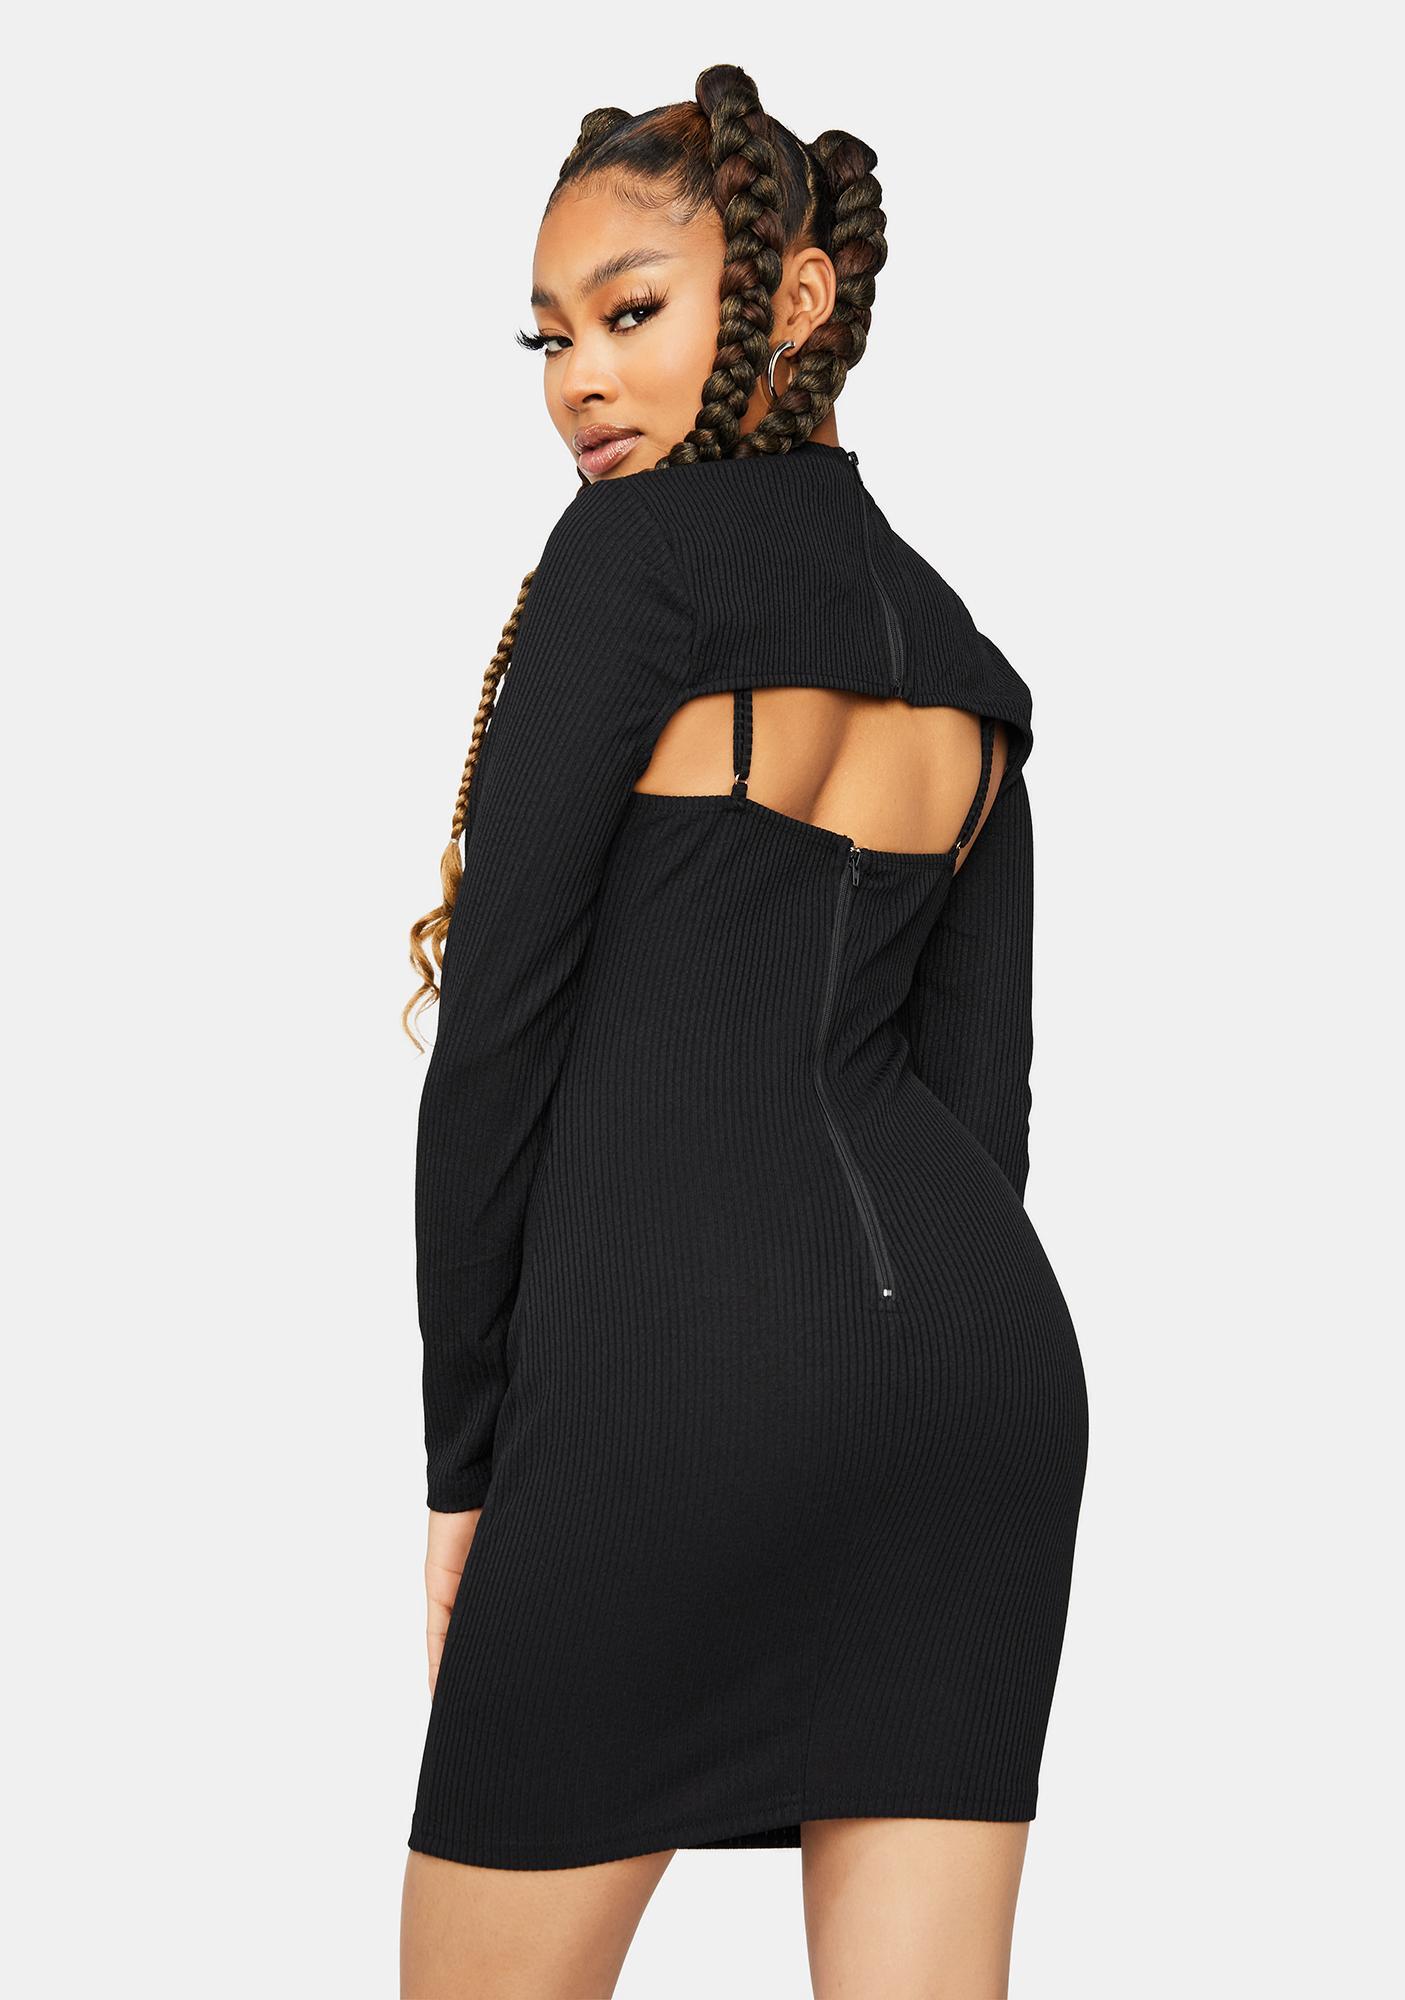 Get Verified Bodycon Dress And Shrug Set